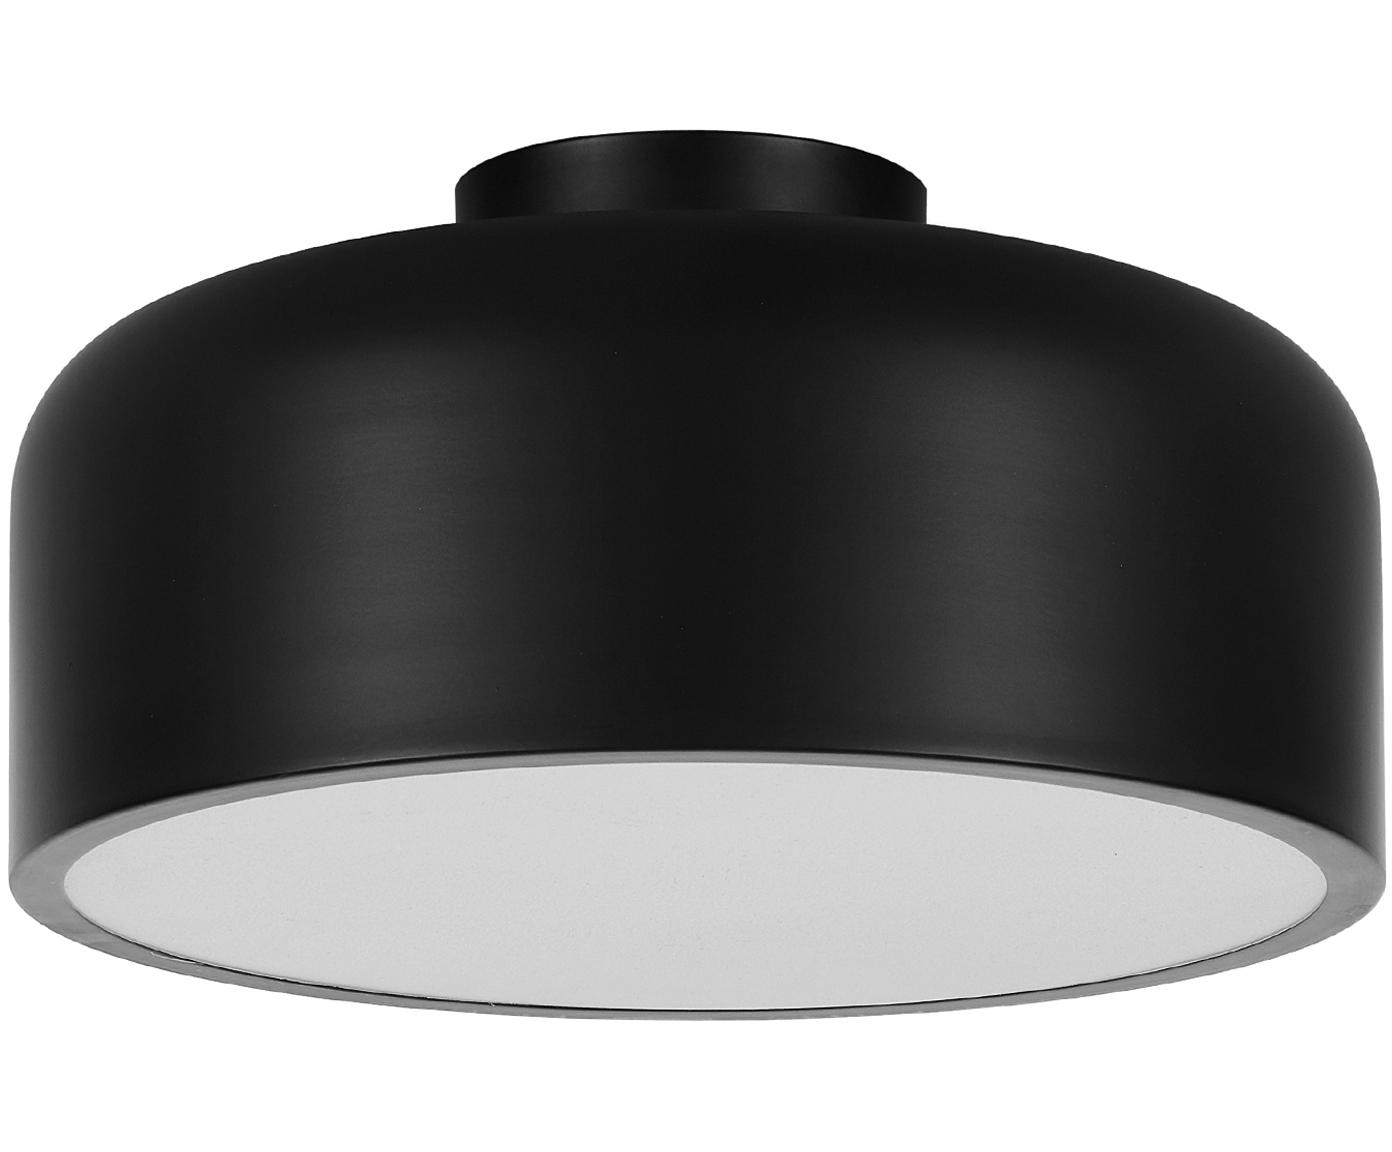 Plafoniera Ole, Disco diffusore: acrilico, Nero opaco, Ø 35 x Alt. 18 cm